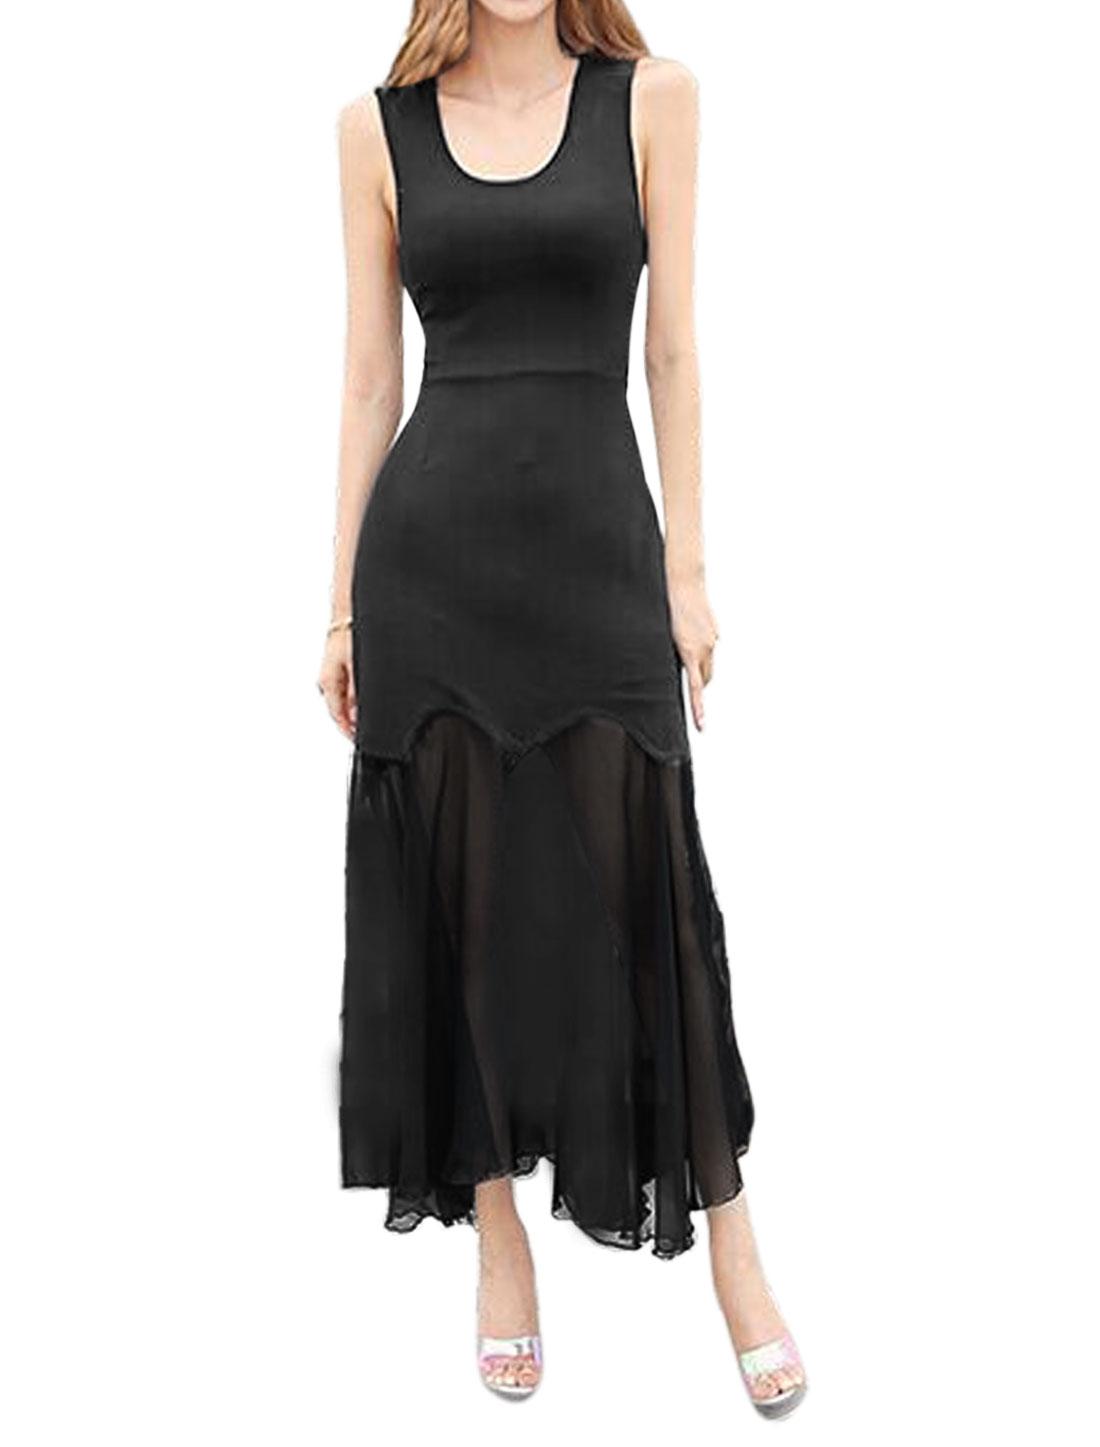 Woman Chiffon Panel Cut Out Back Sleeveless Unlined Sheath Dress Black M